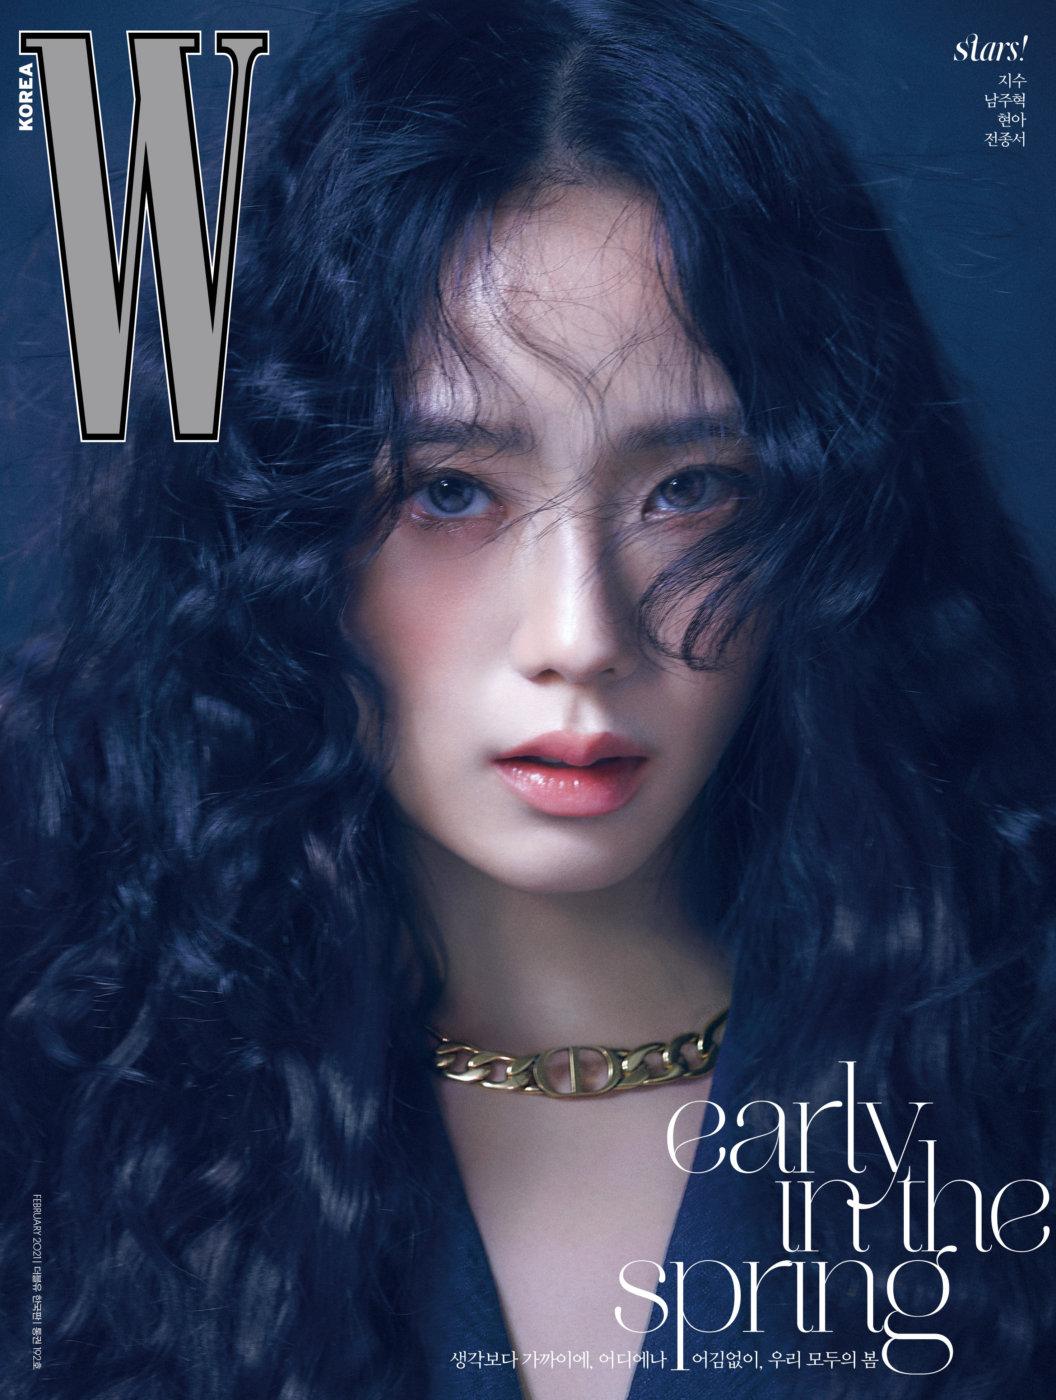 2021 đúng là năm của Jisoo: Lại lập kỳ tích thời trang mới, tóc tai tưởng dìm mà lại bất ngờ không tưởng - Ảnh 3.